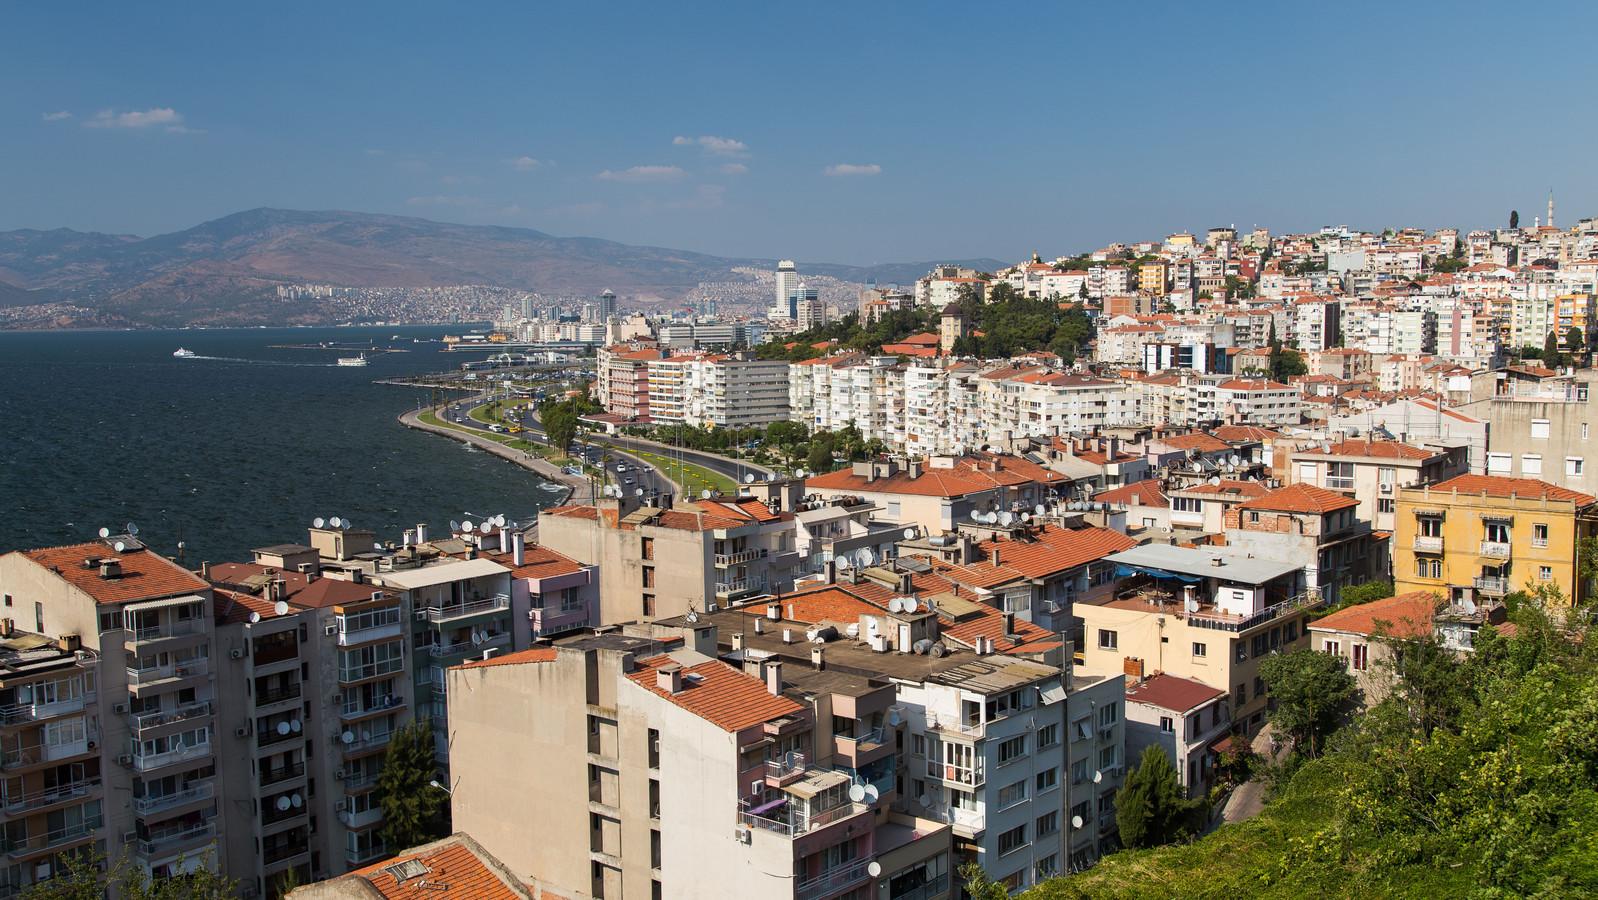 Veel Turken met een bijstandsuitkering blijken vastgoed te bezitten in Turkije, zoals in de stad Izmir.